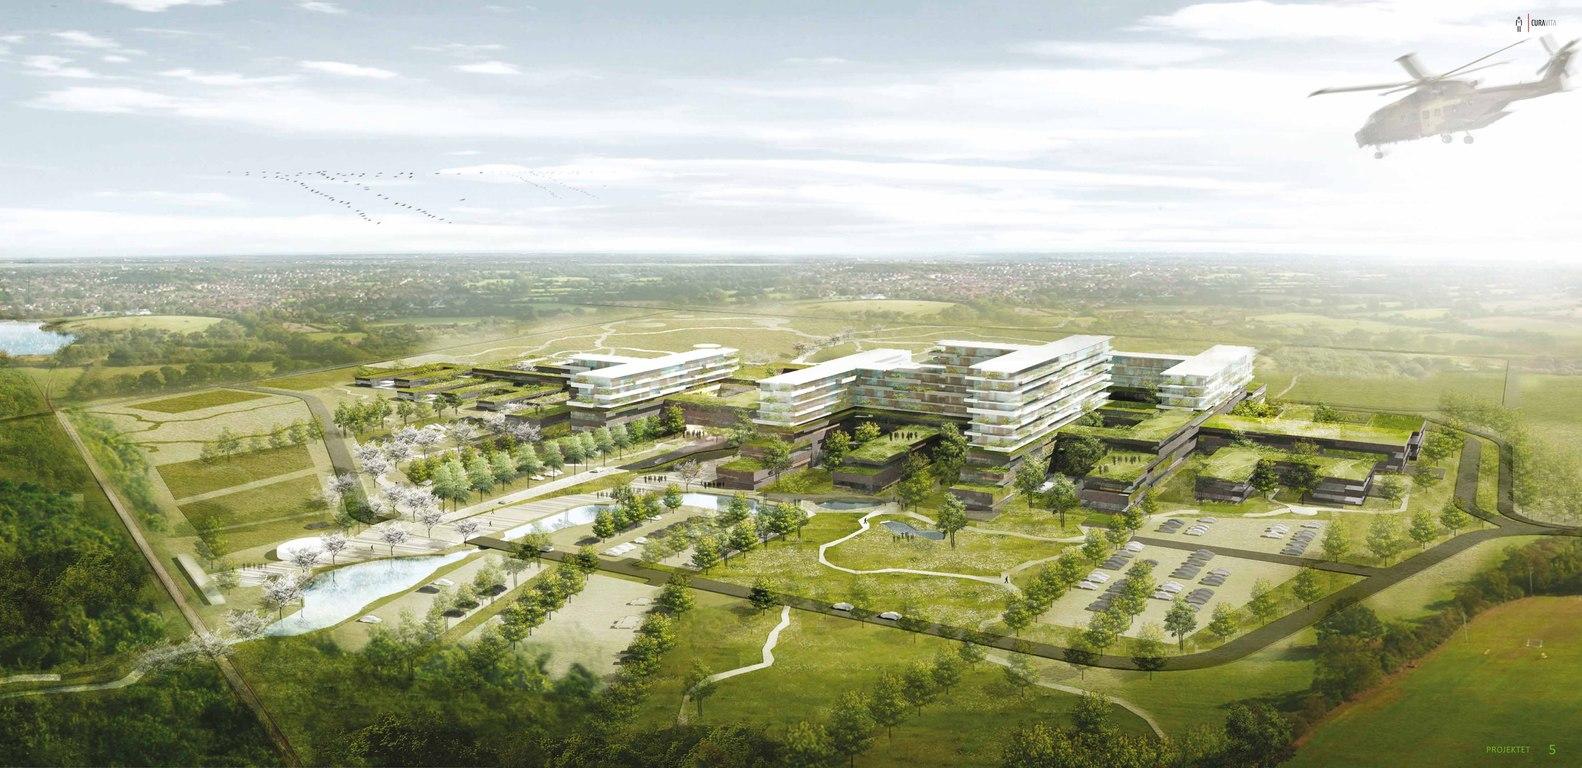 Risikoanalyse mit BIM beim Neuen Krankenhaus im Westen - Gødstrup